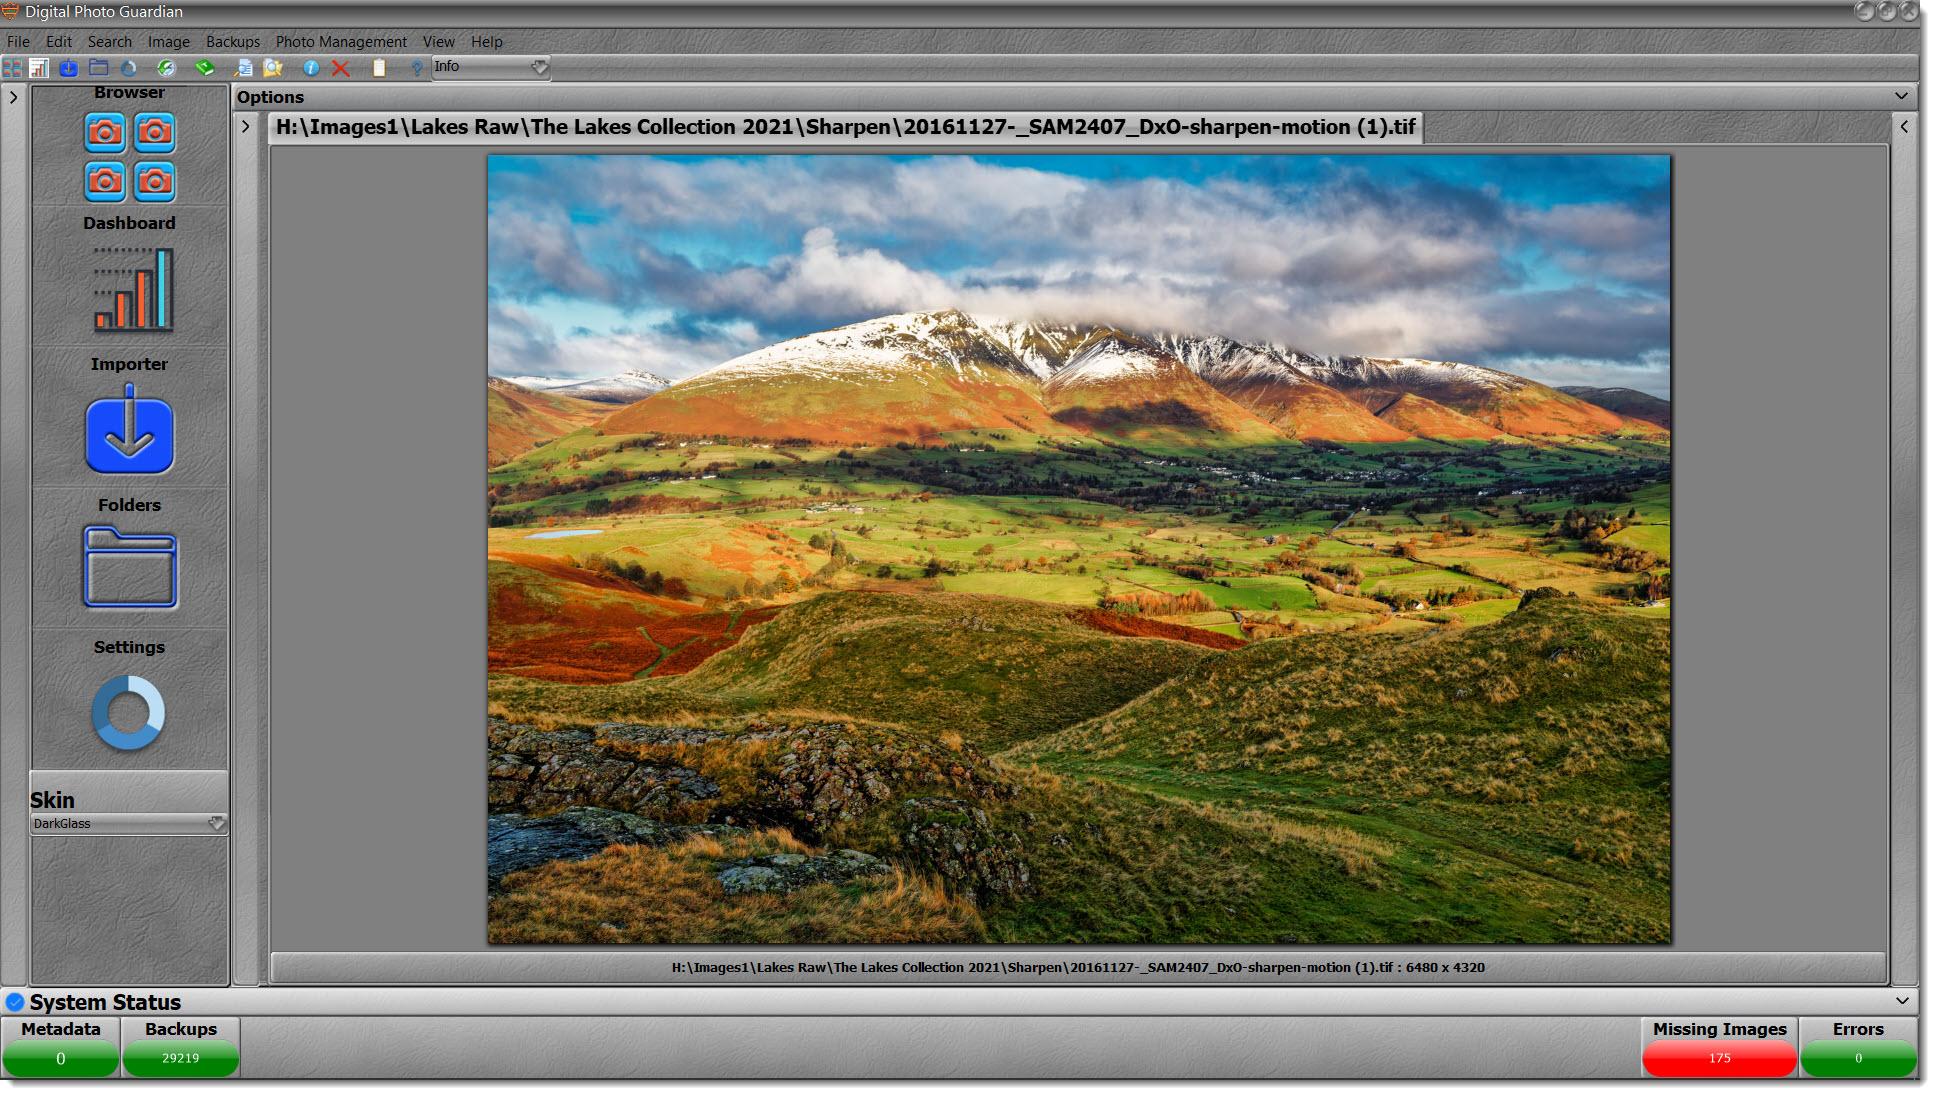 Gigapixel Test - Landscape Image